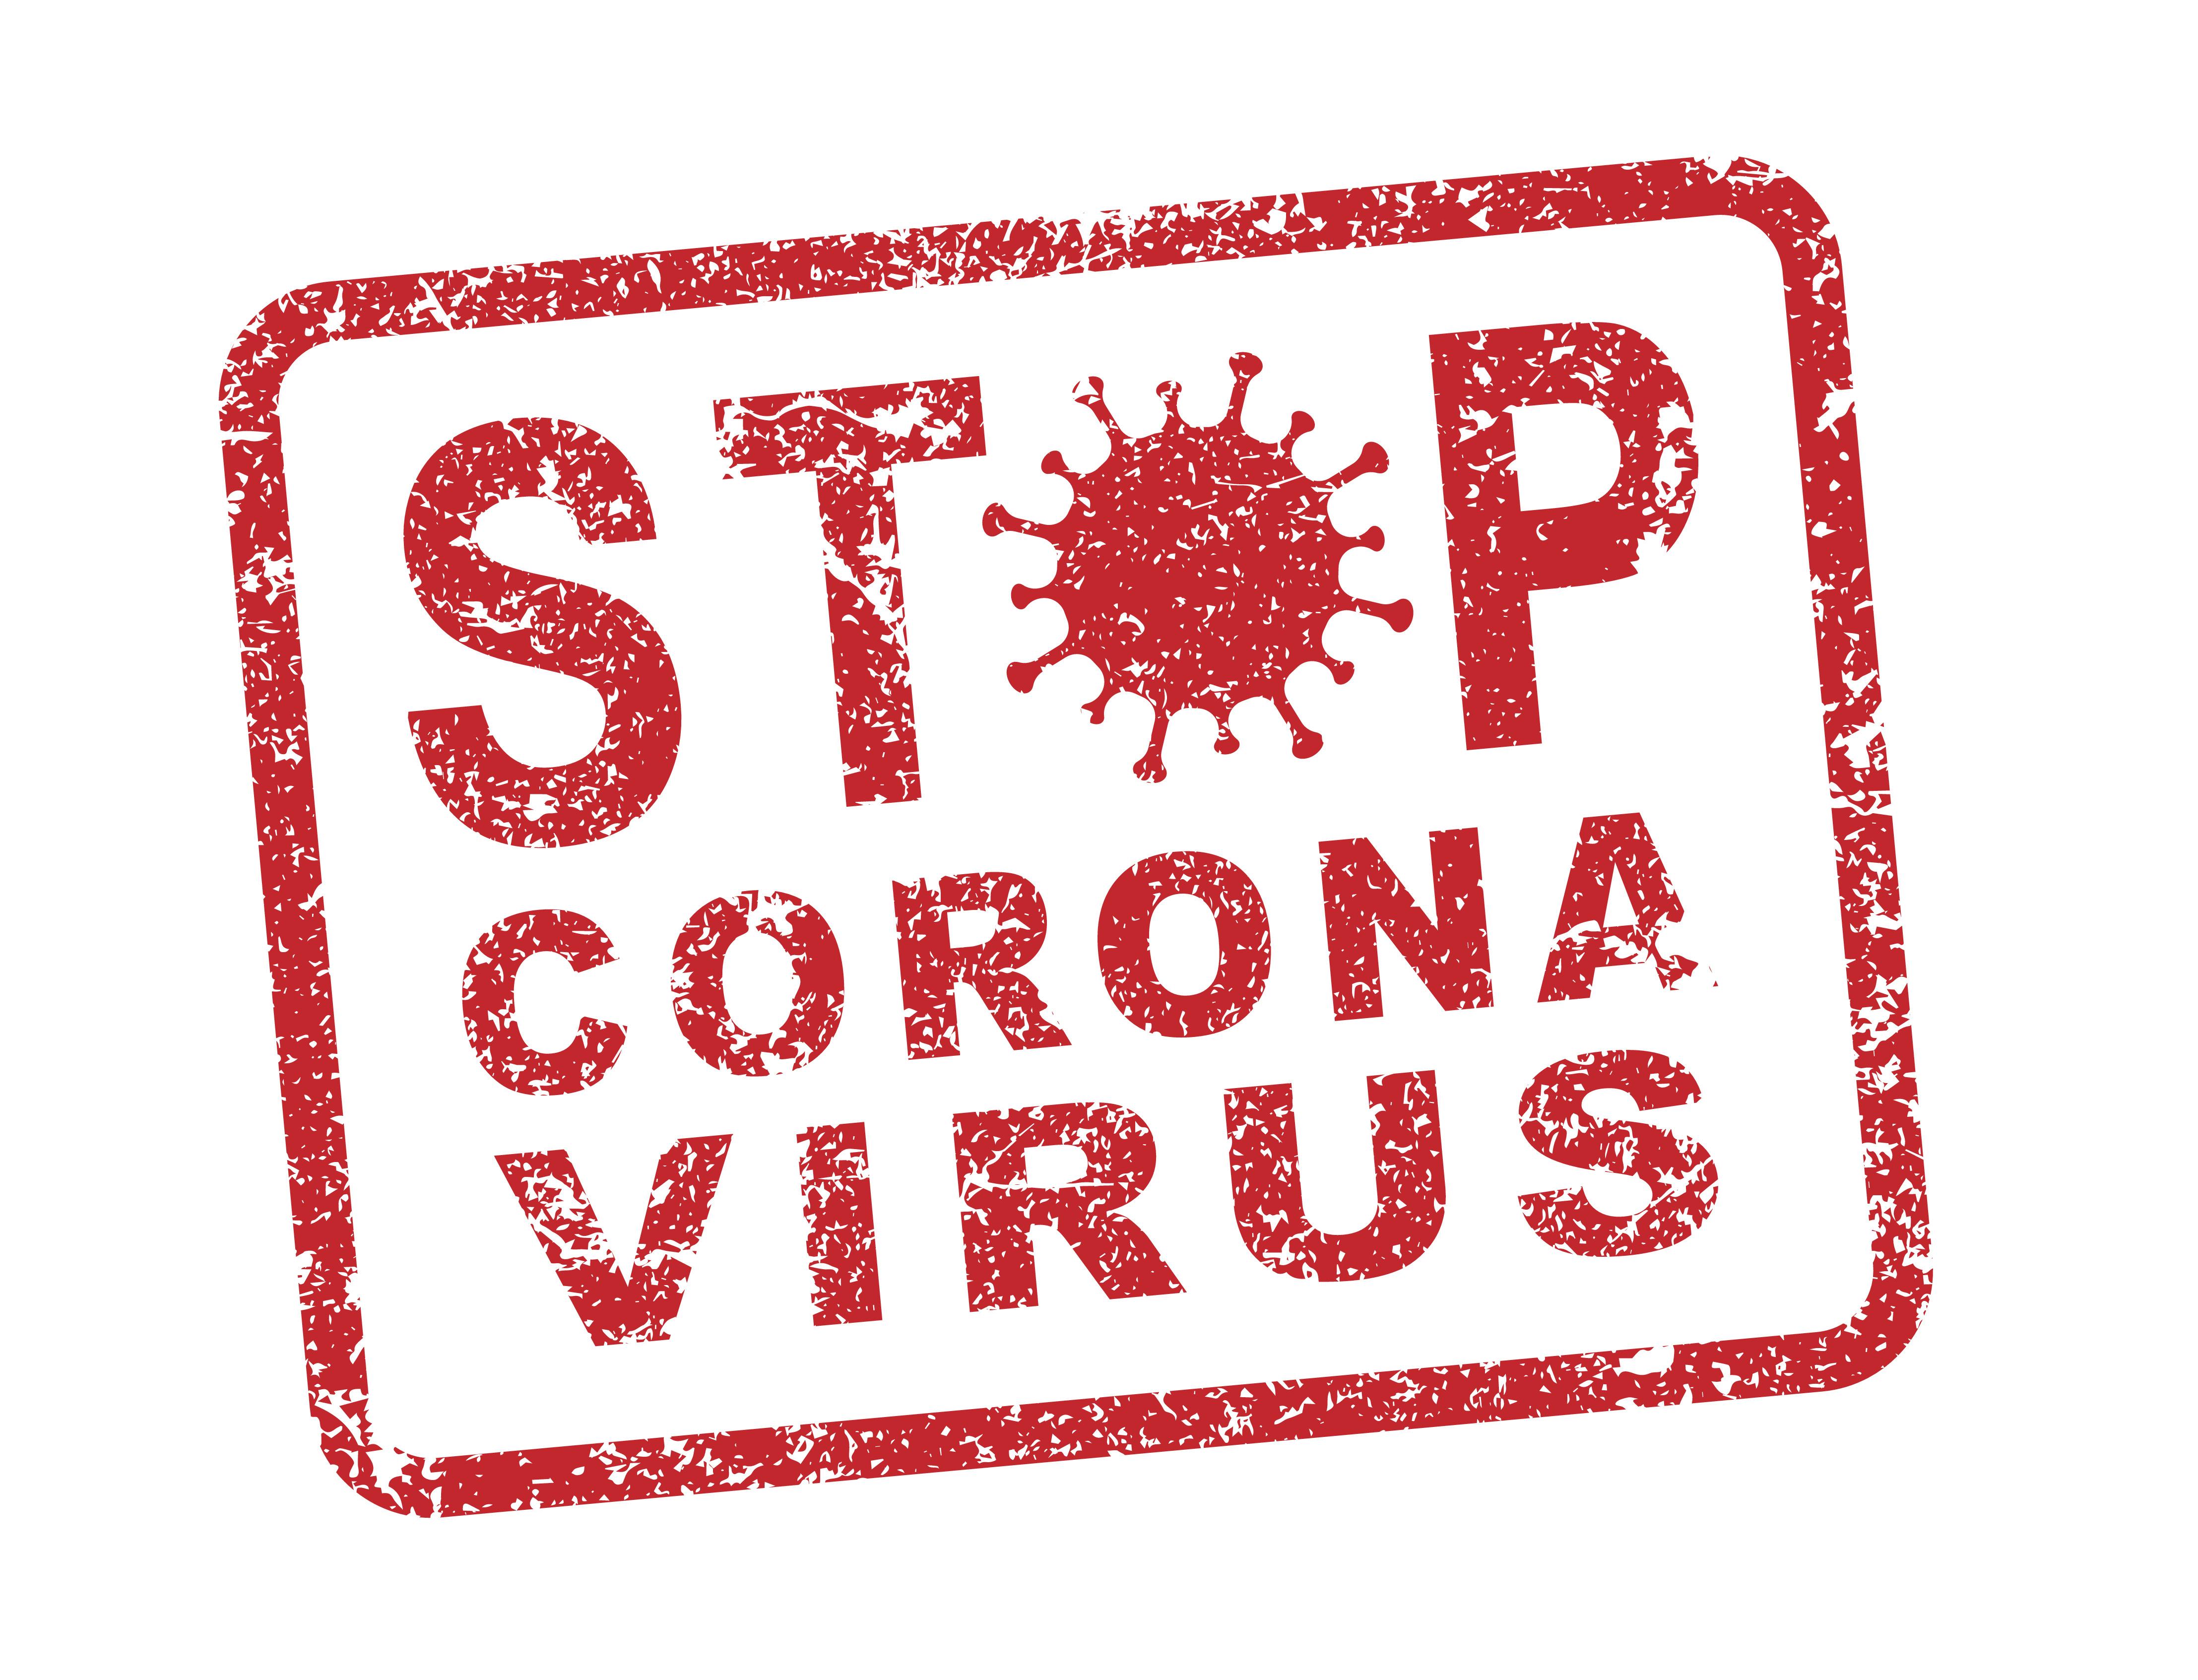 Corona-Lage ernst genommen